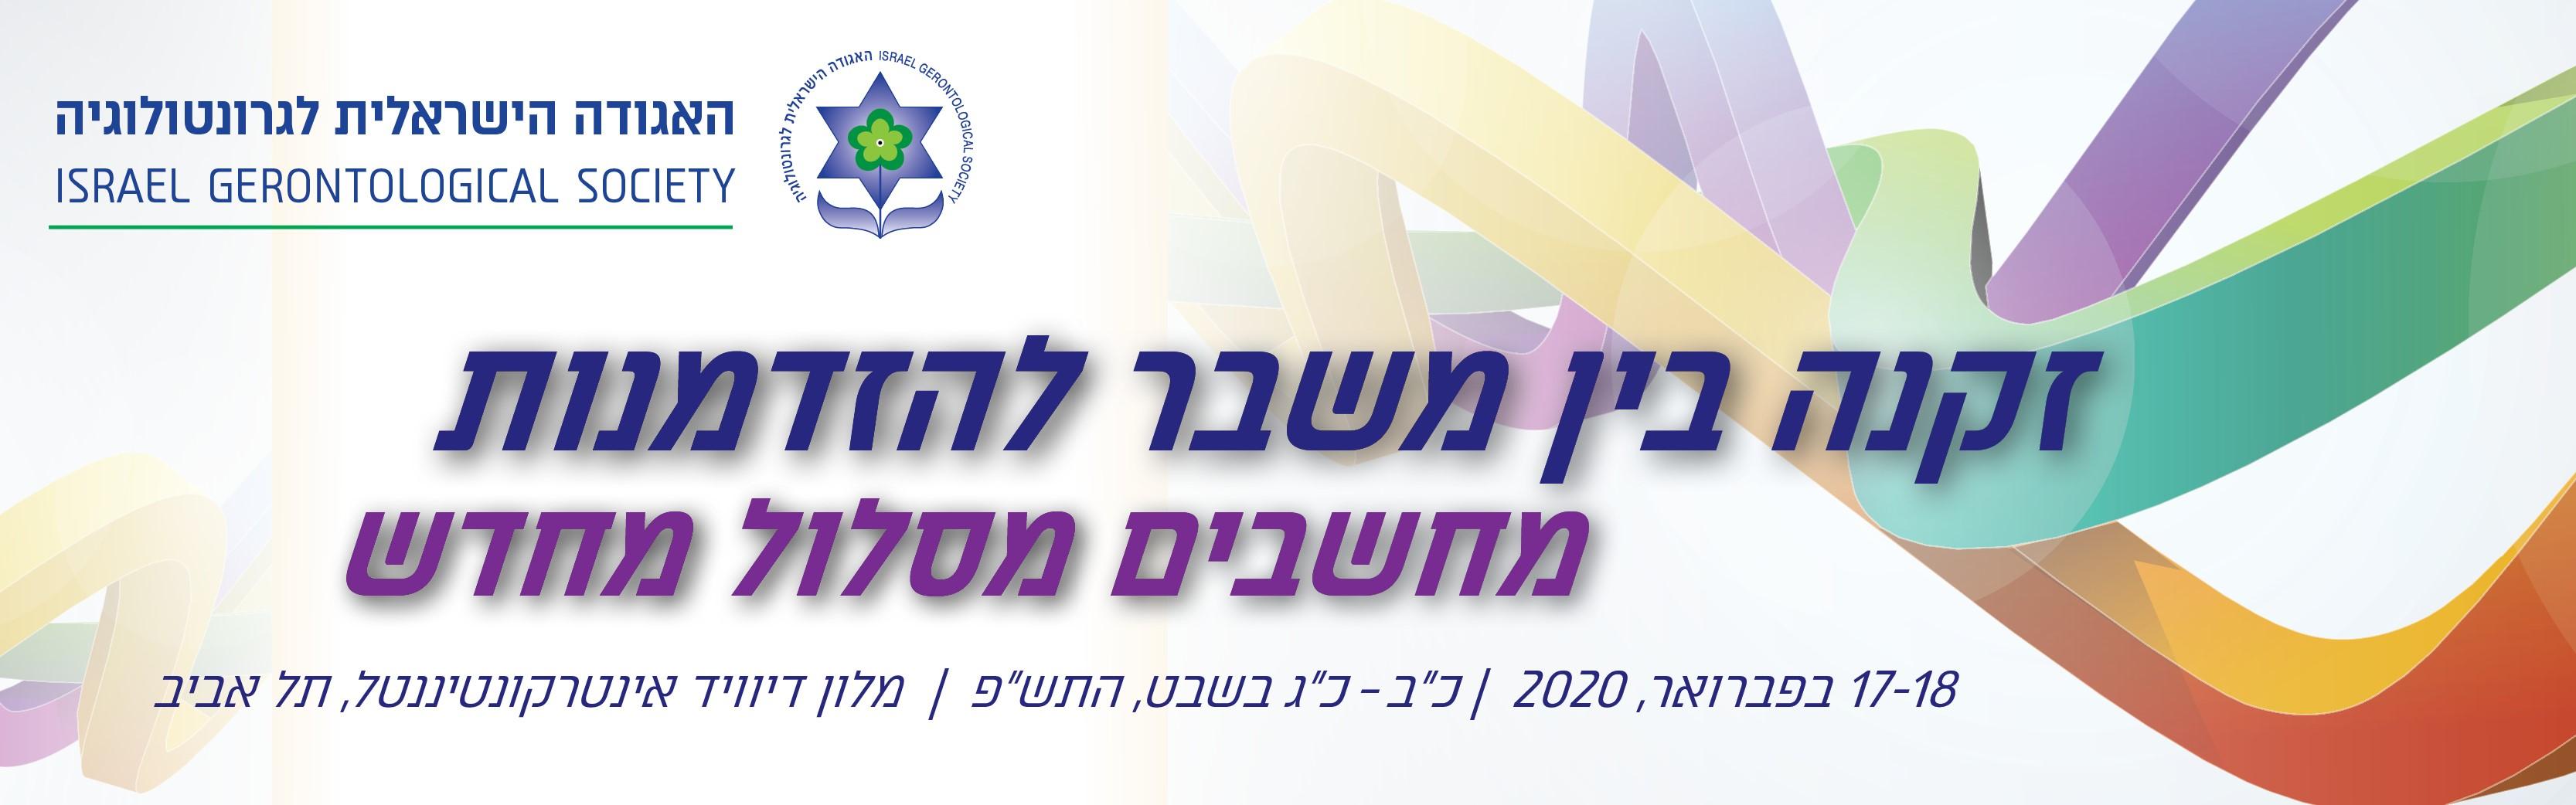 הכינוס הדו שנתי ה-23 של האגודה הישראלית לגרונטולוגיה, 17-18 בפברואר,2020